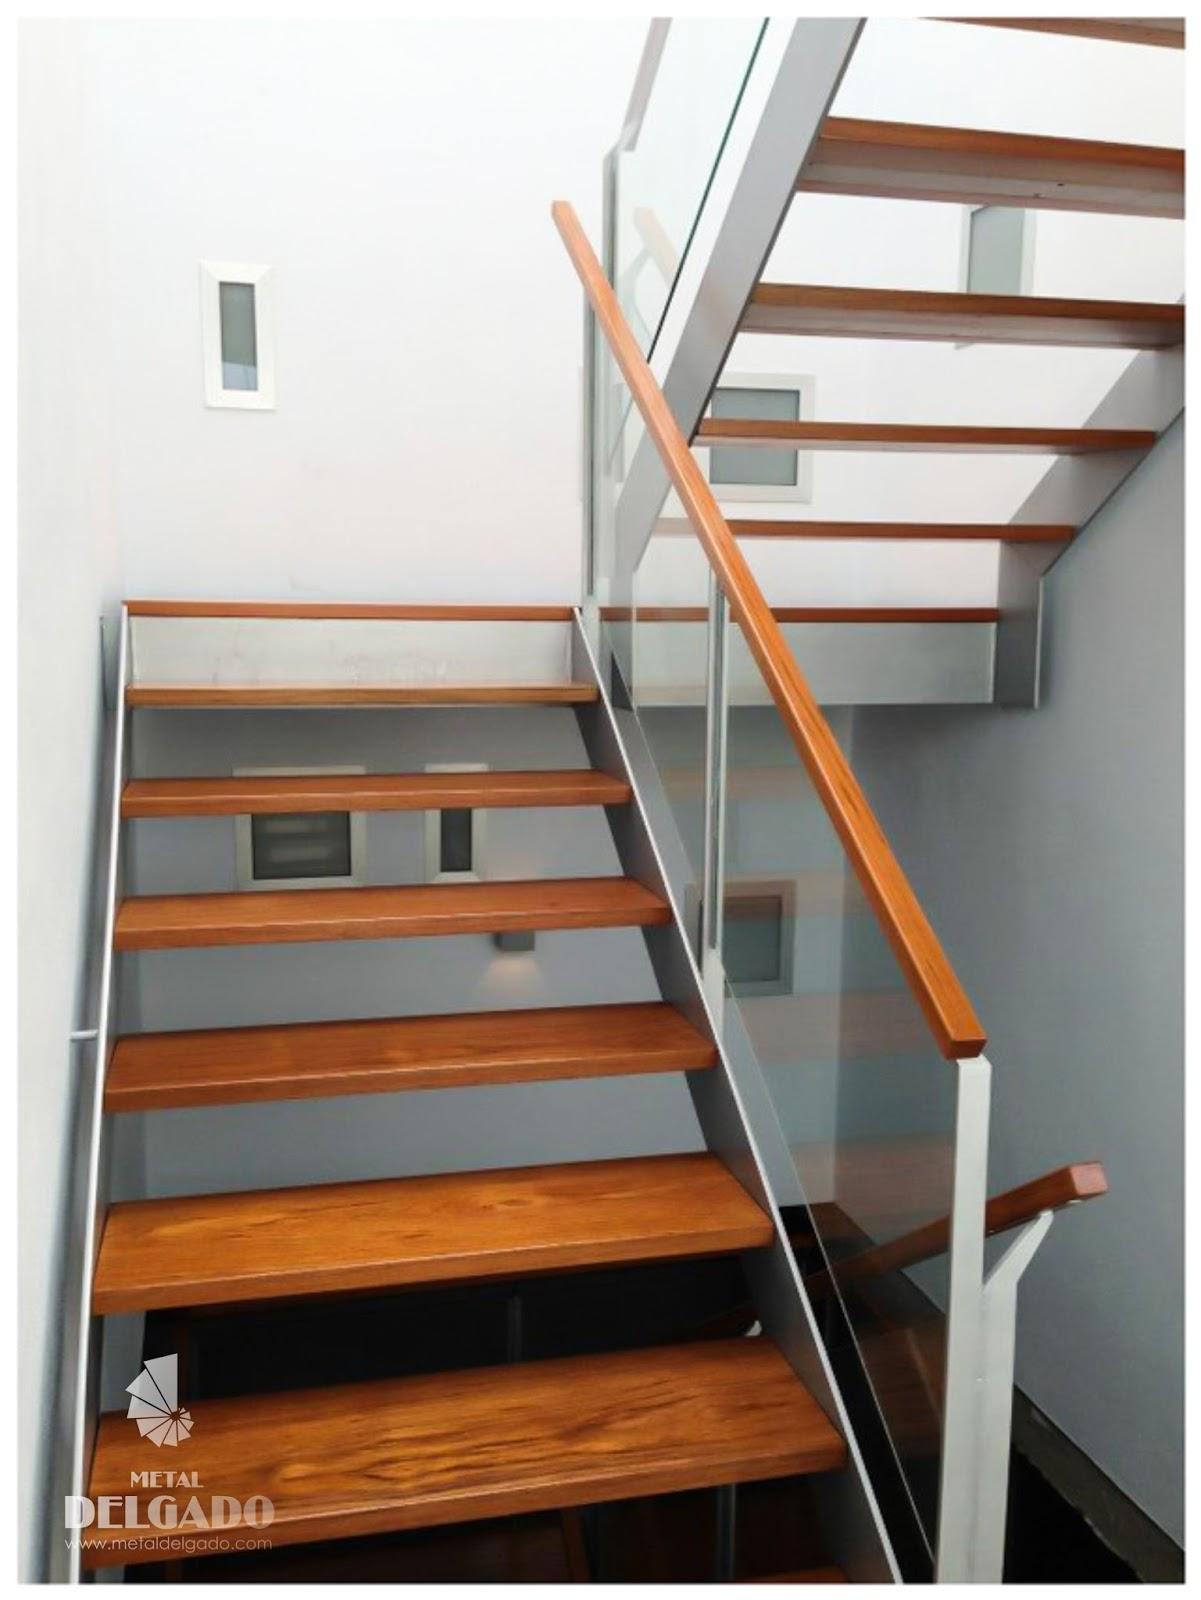 Acero inoxidable tenerife escaleras met licas tenerife - Disenos de escaleras de madera para interiores ...